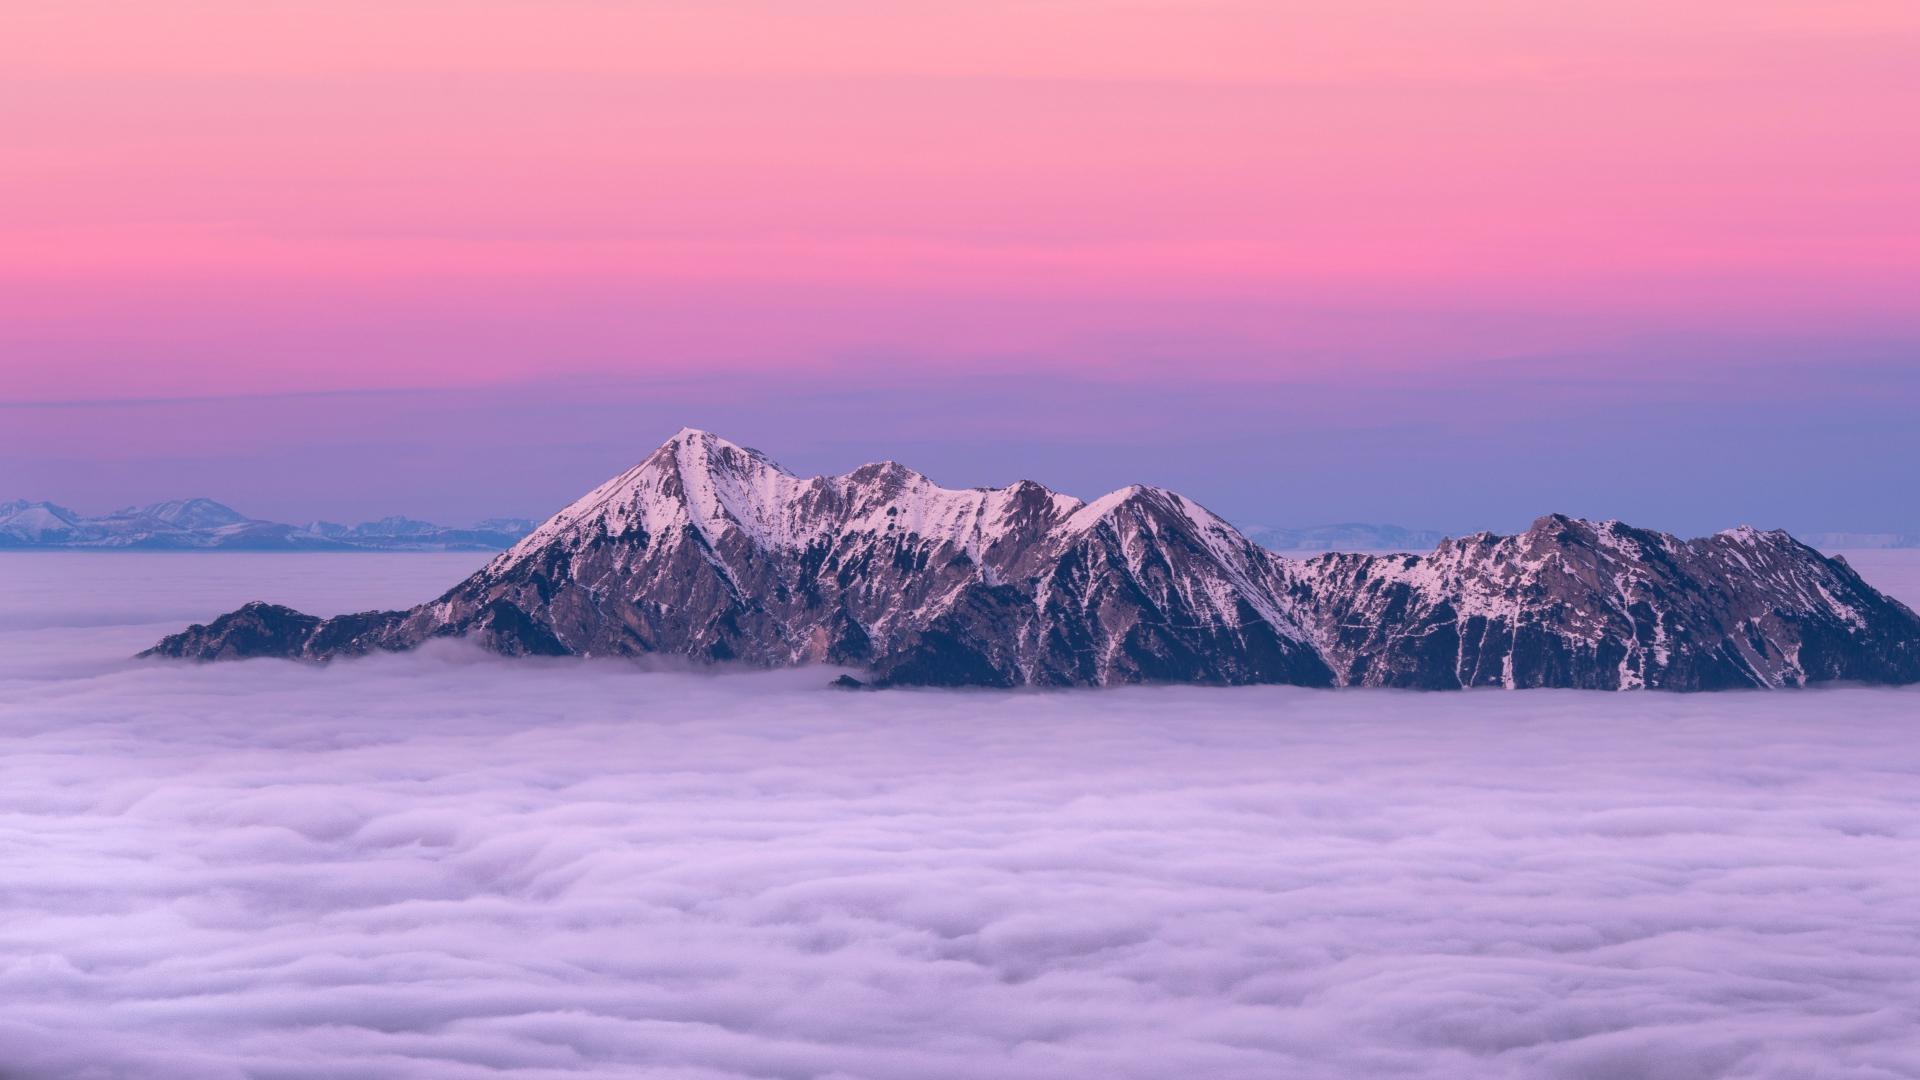 Hd Hintergrundbilder Berge Nebel Spitzen Wolken Desktop